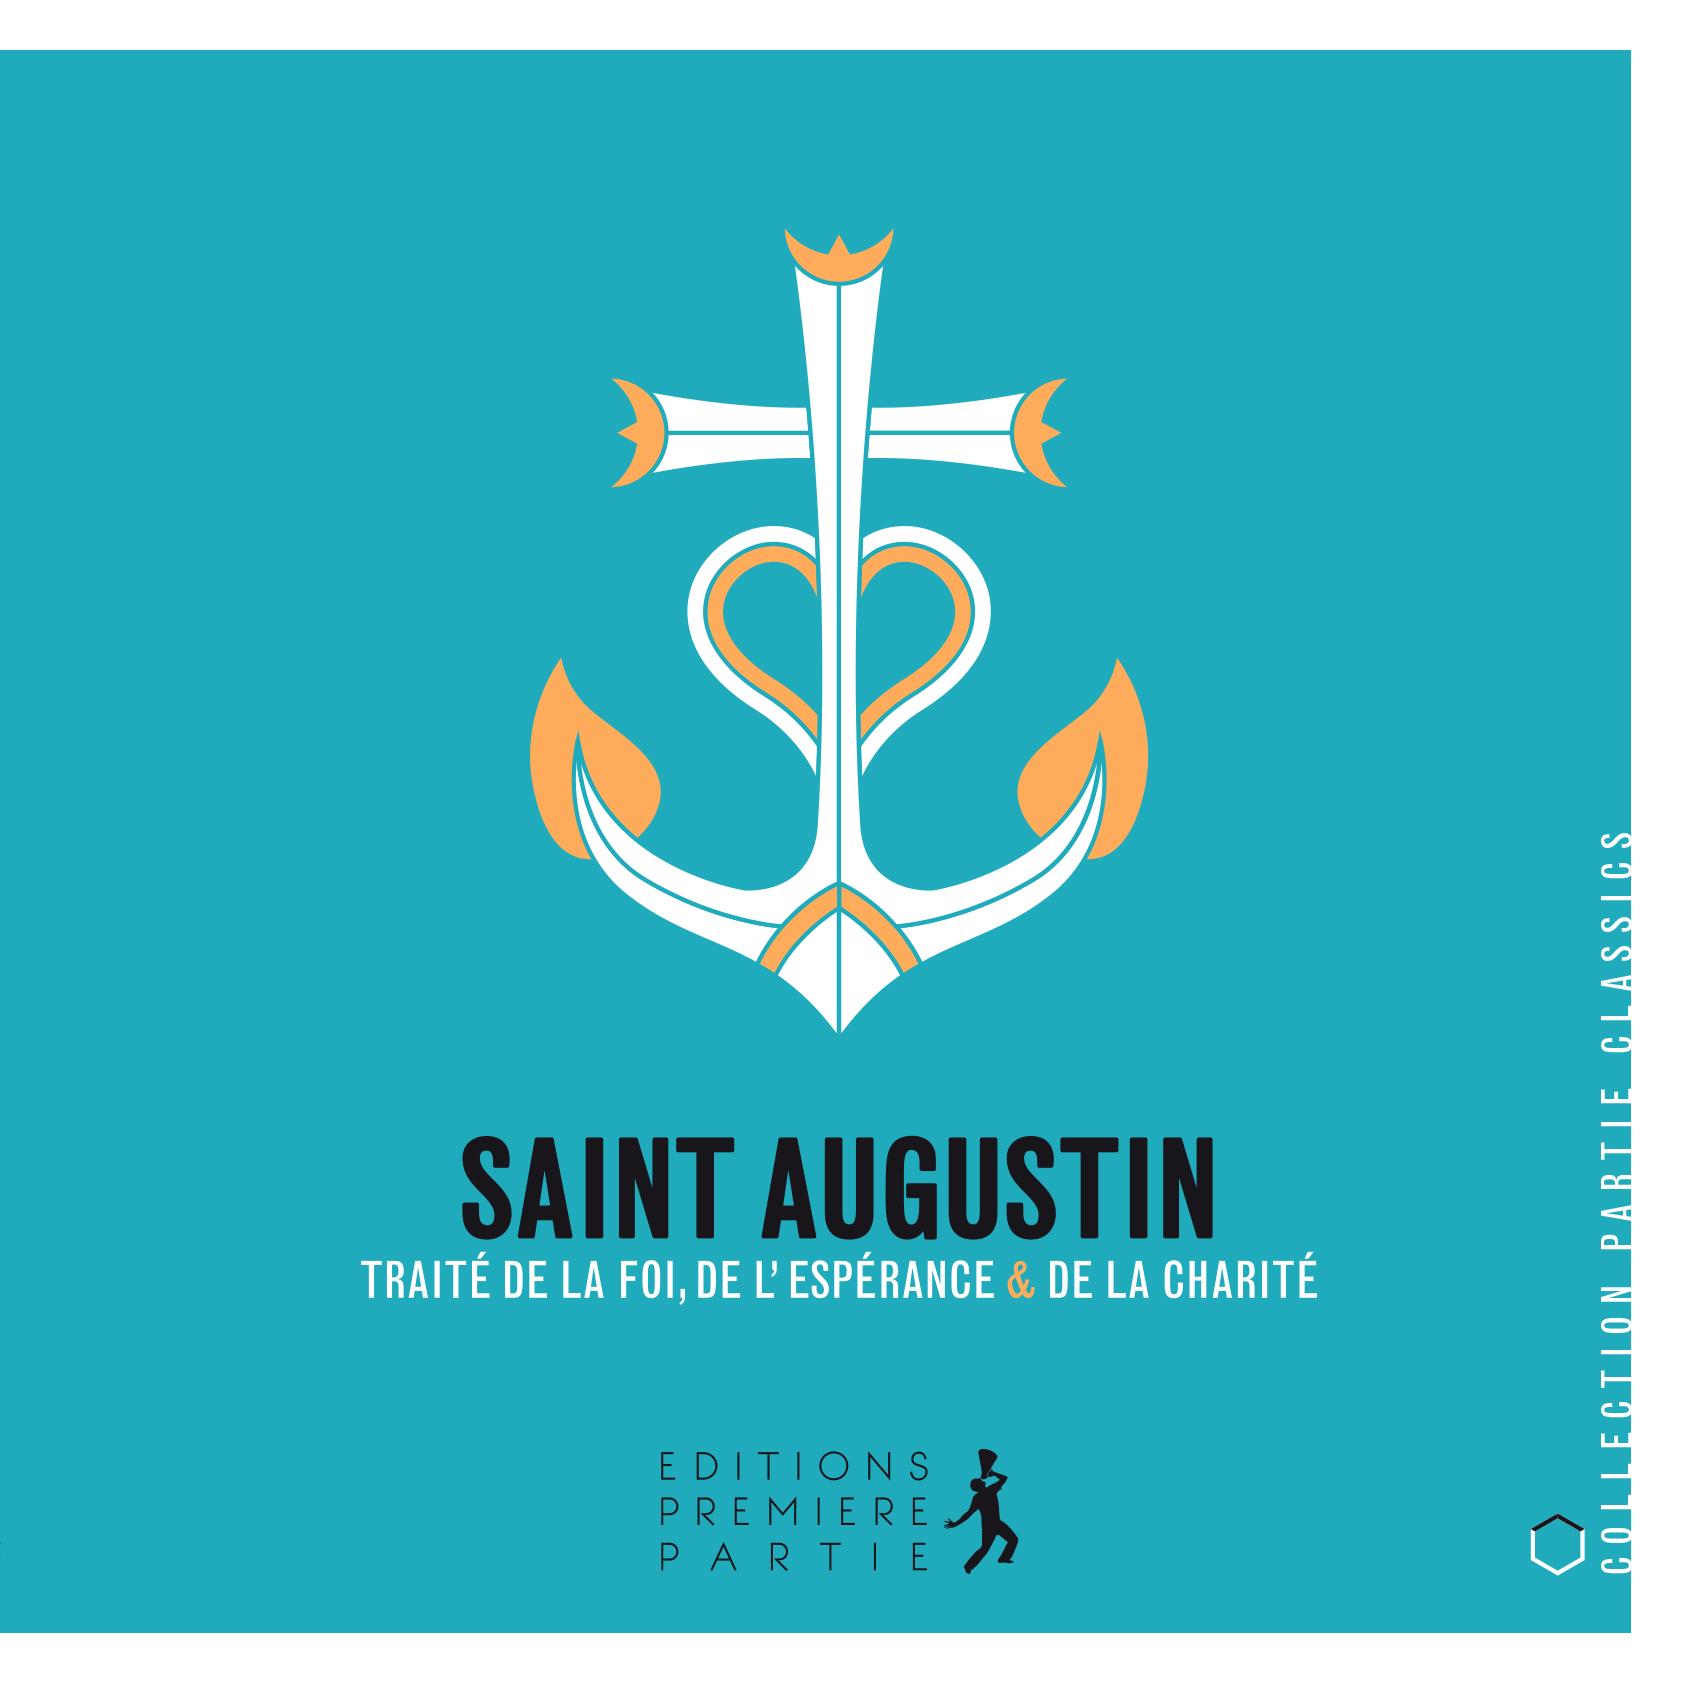 """Saint Augustin """"Traité de la Foi, de l'Espérance & de la Charité"""""""